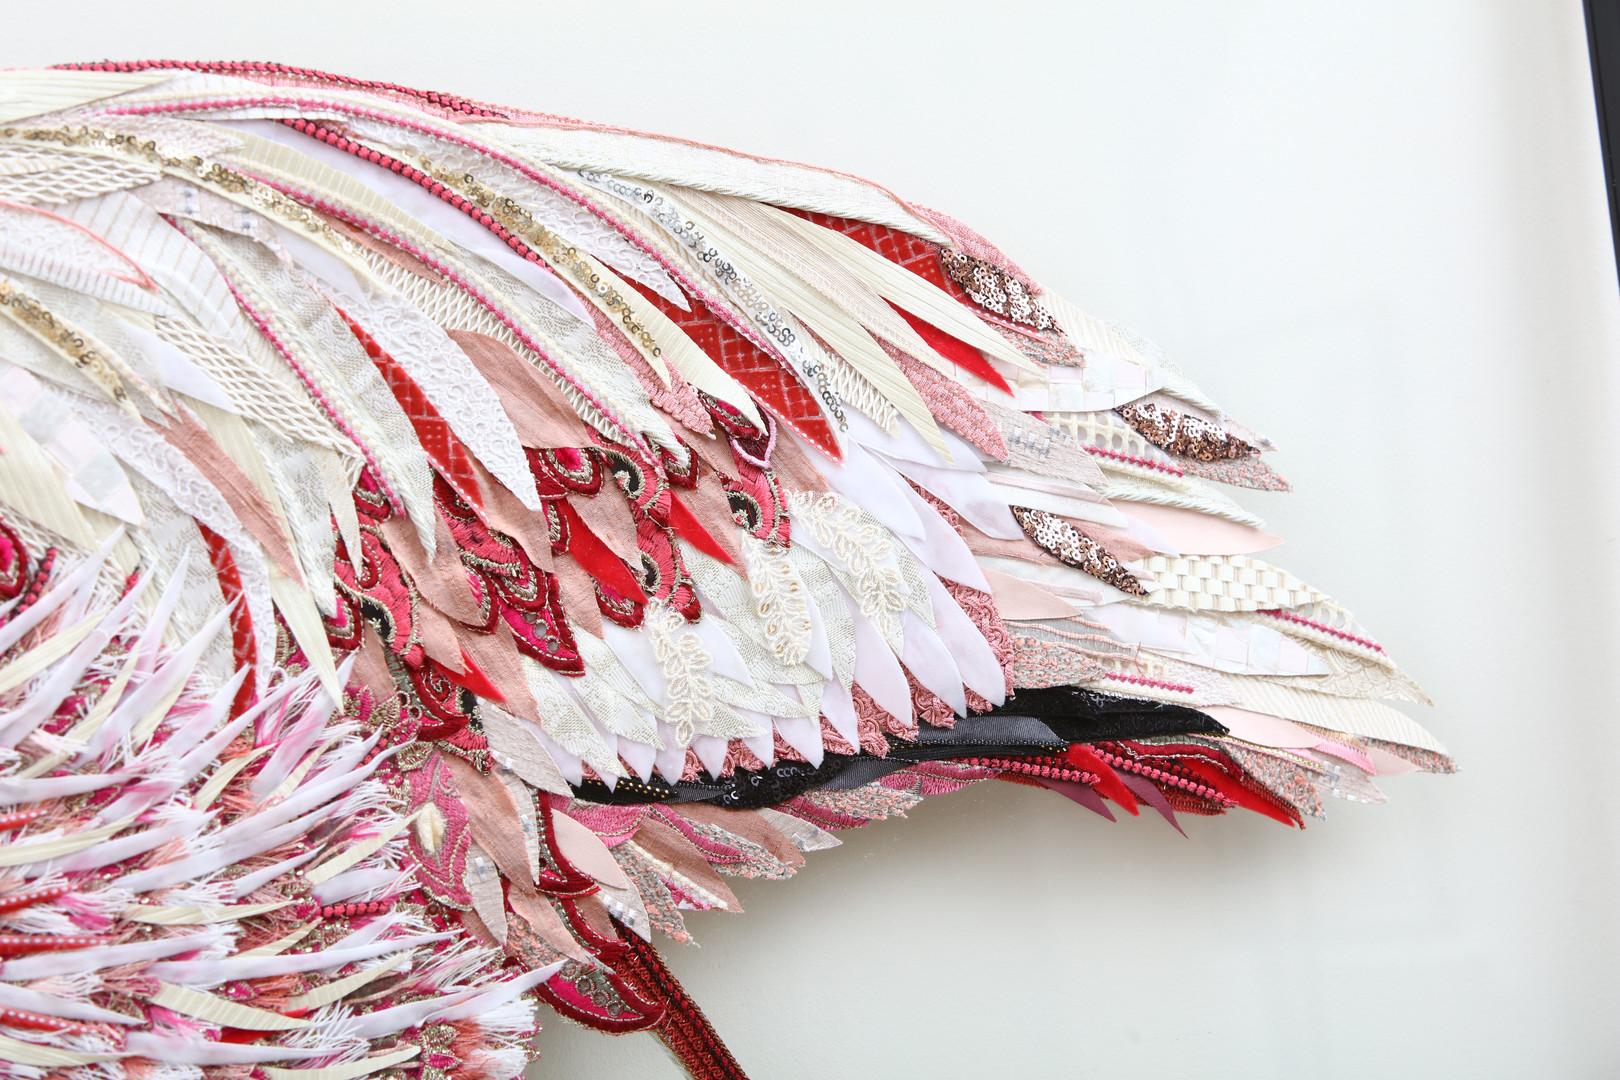 Flamingo Tail Feather